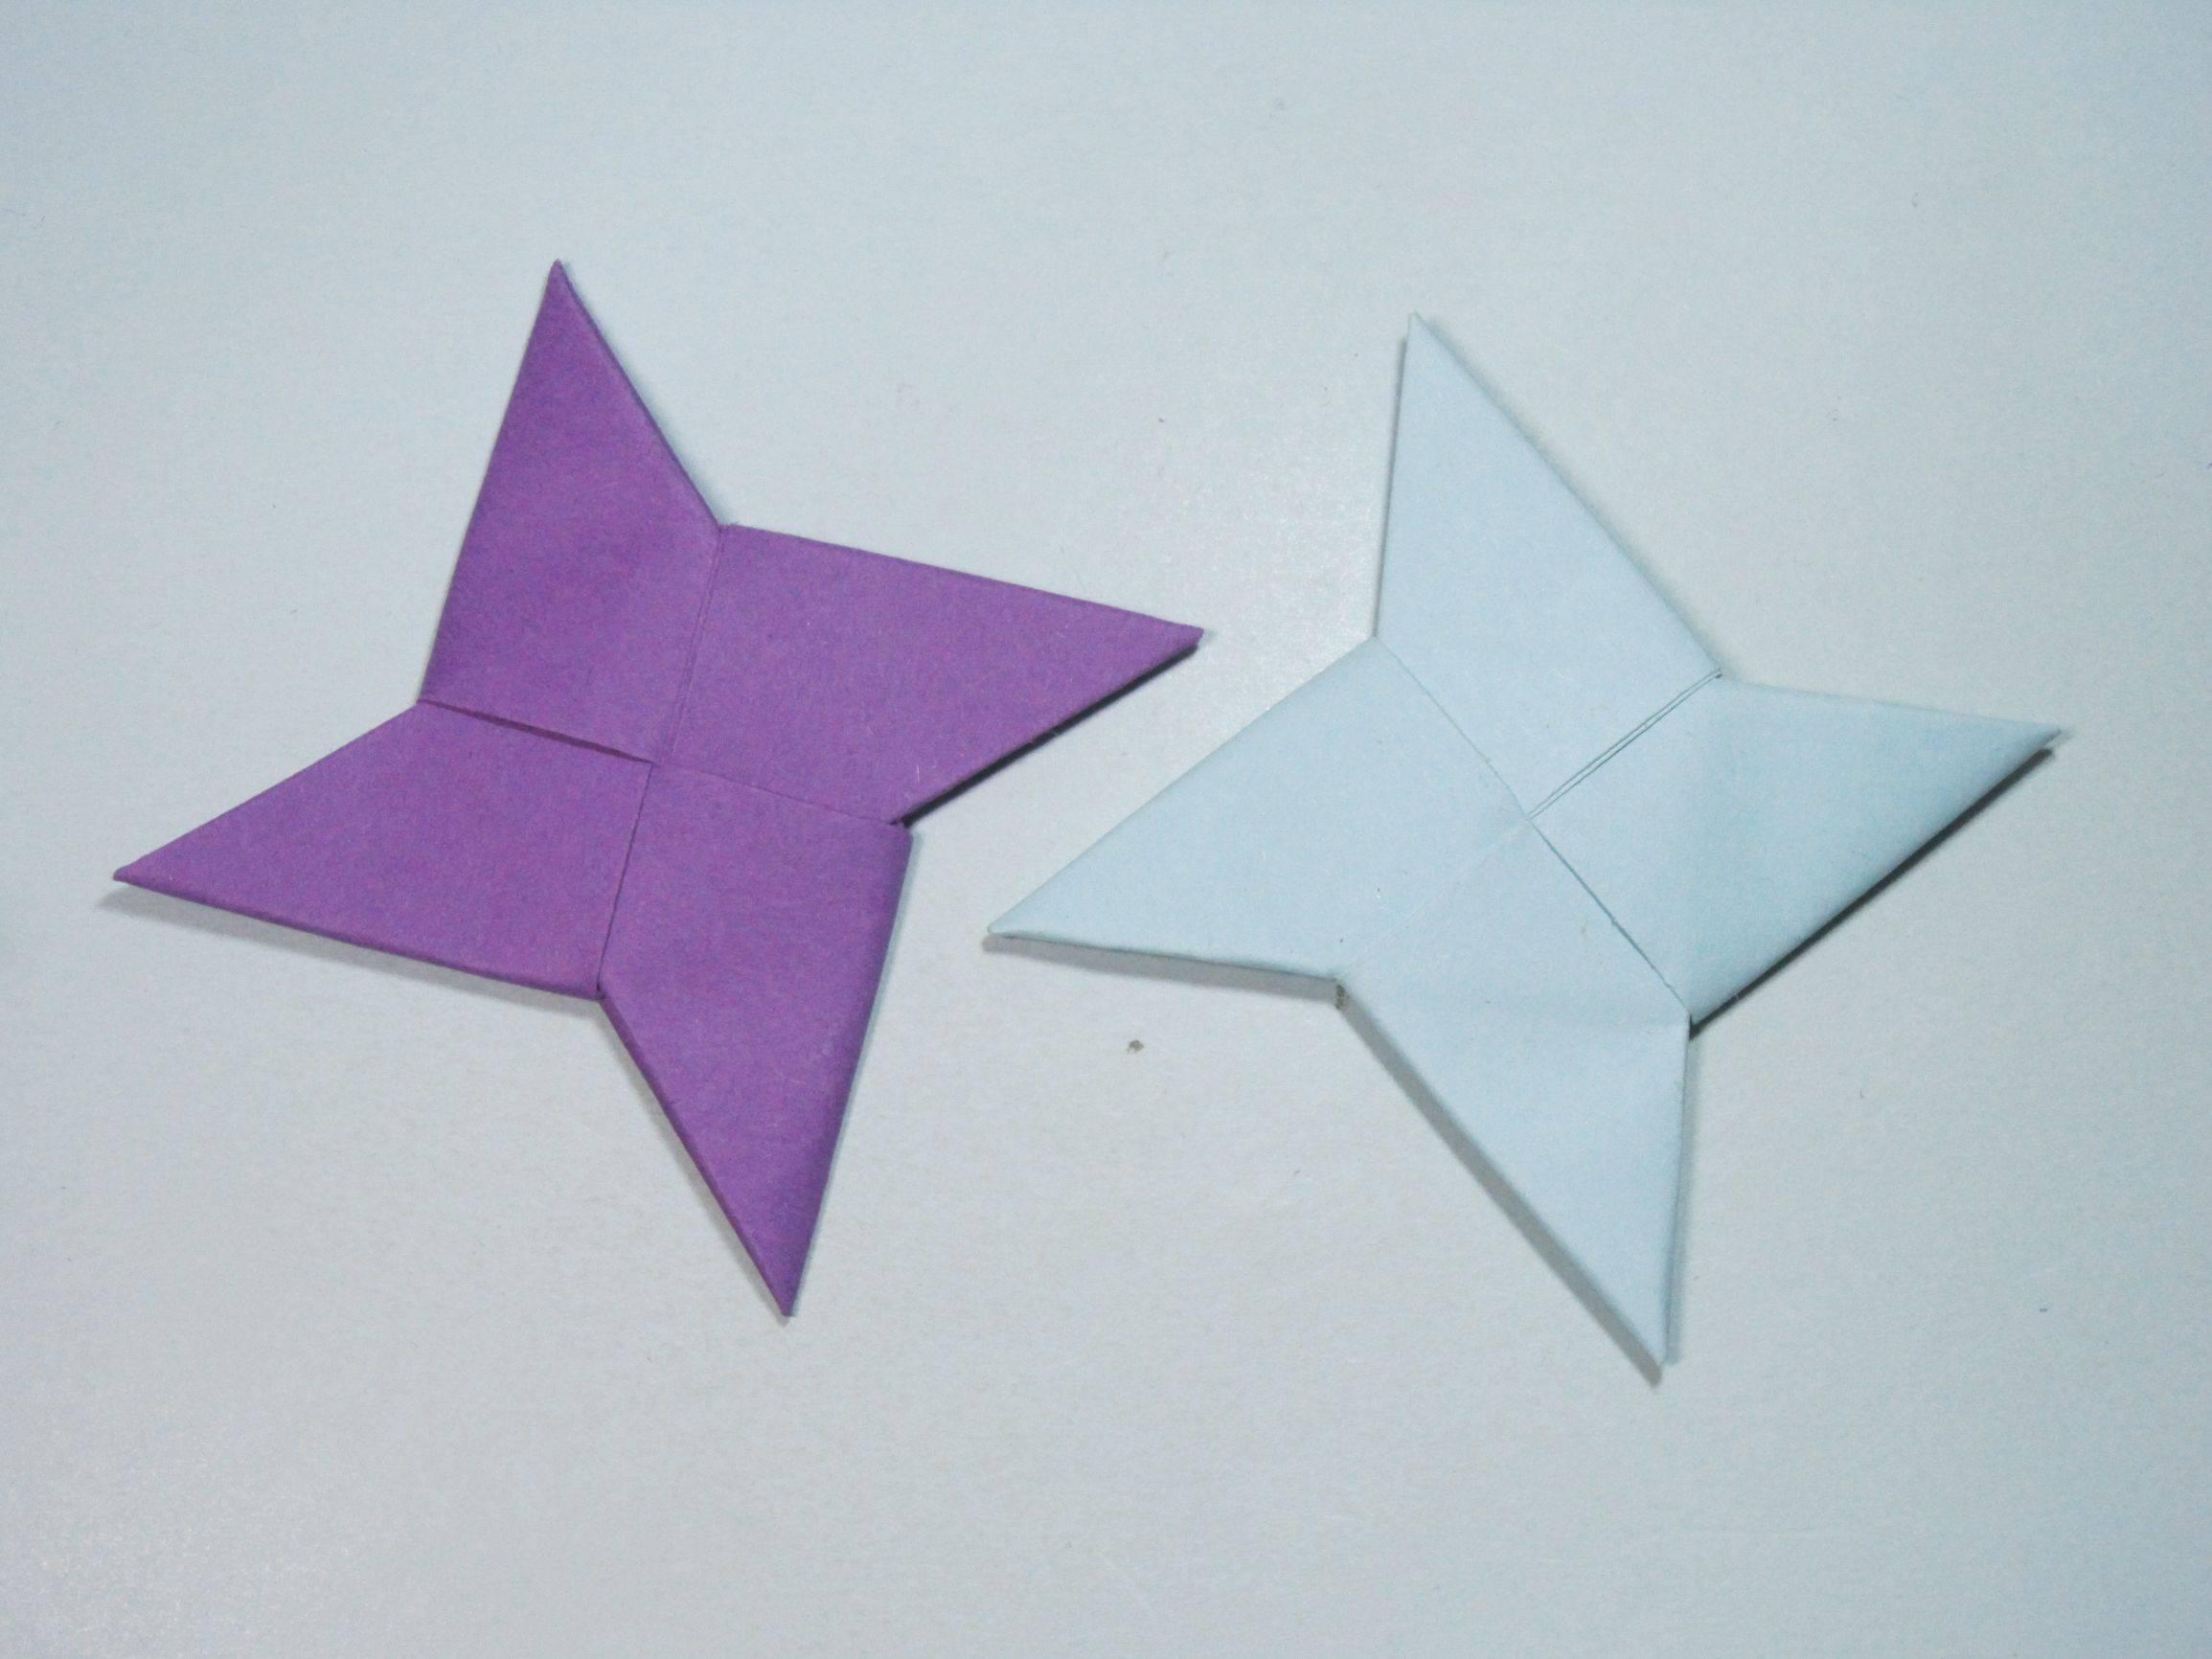 三角飞镖怎么折7步(简单飞镖的折法步骤图解)插图